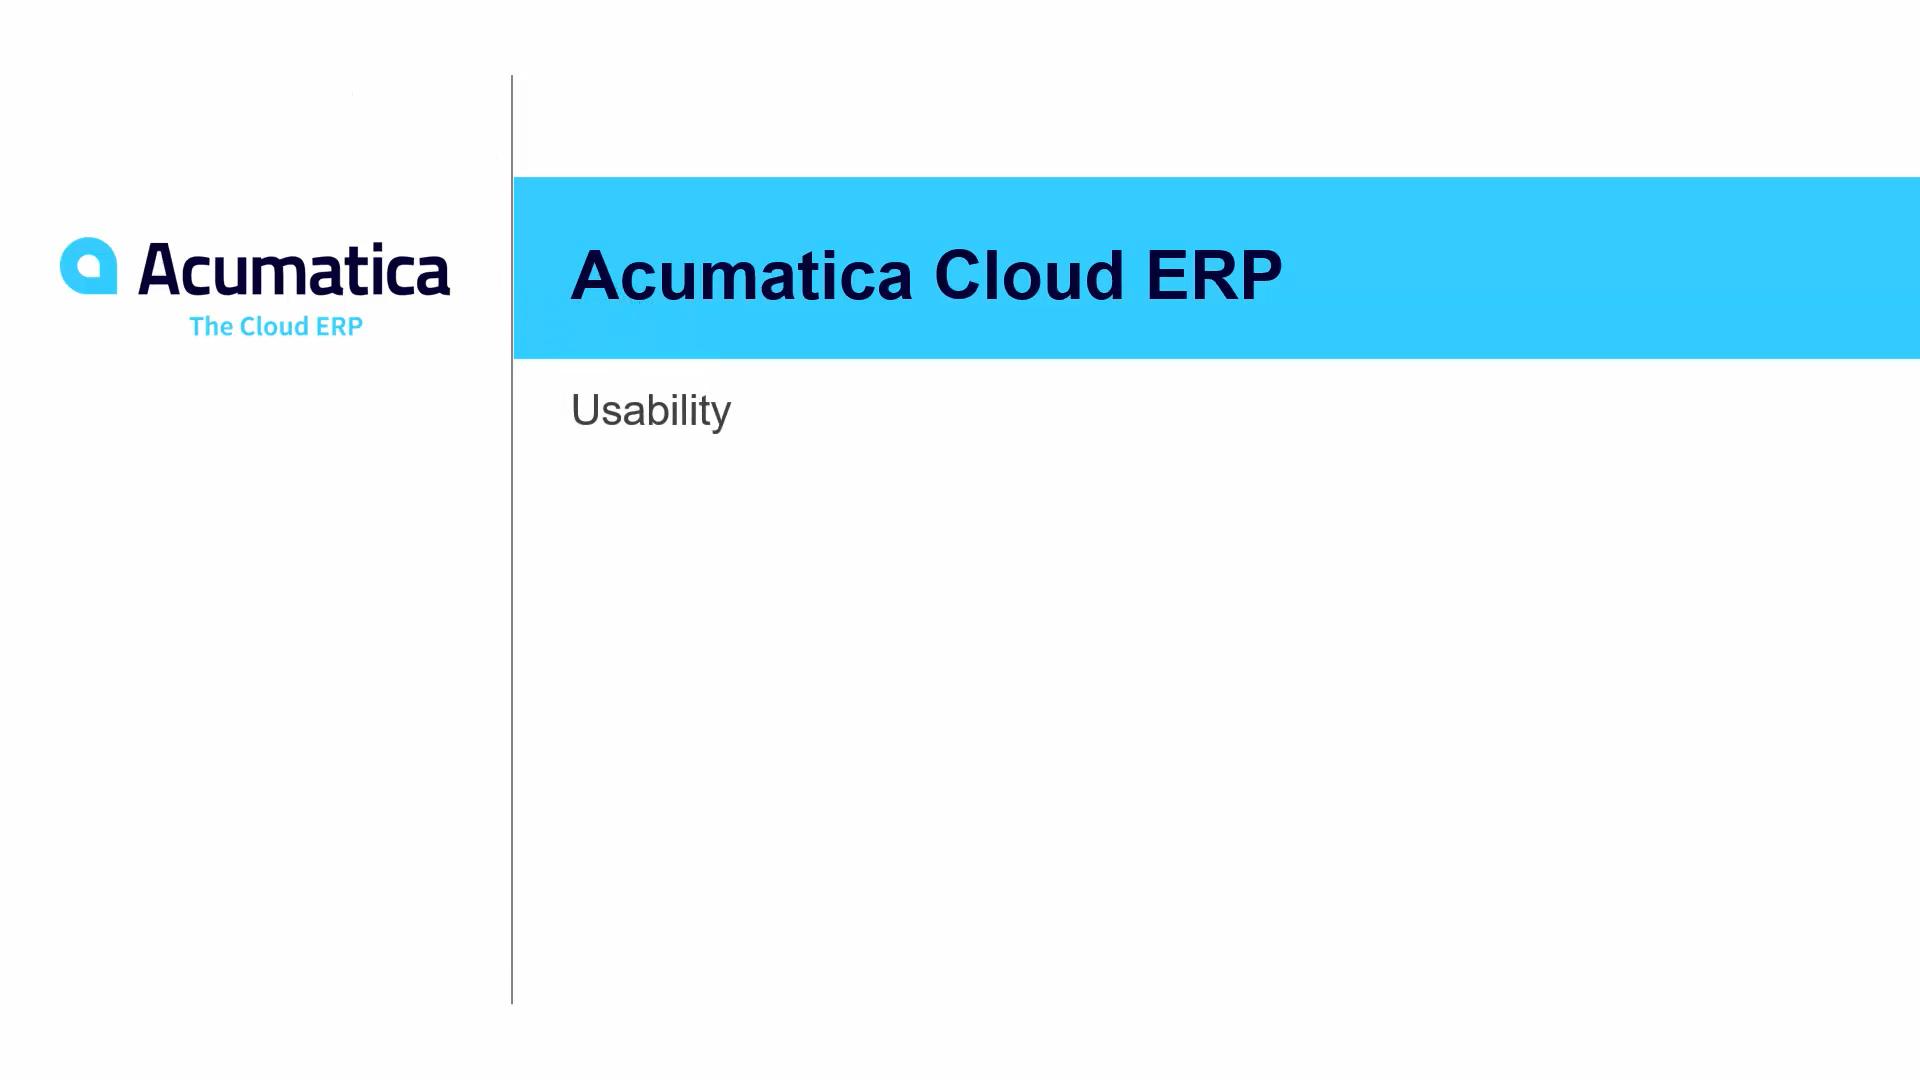 Acumatica Usability